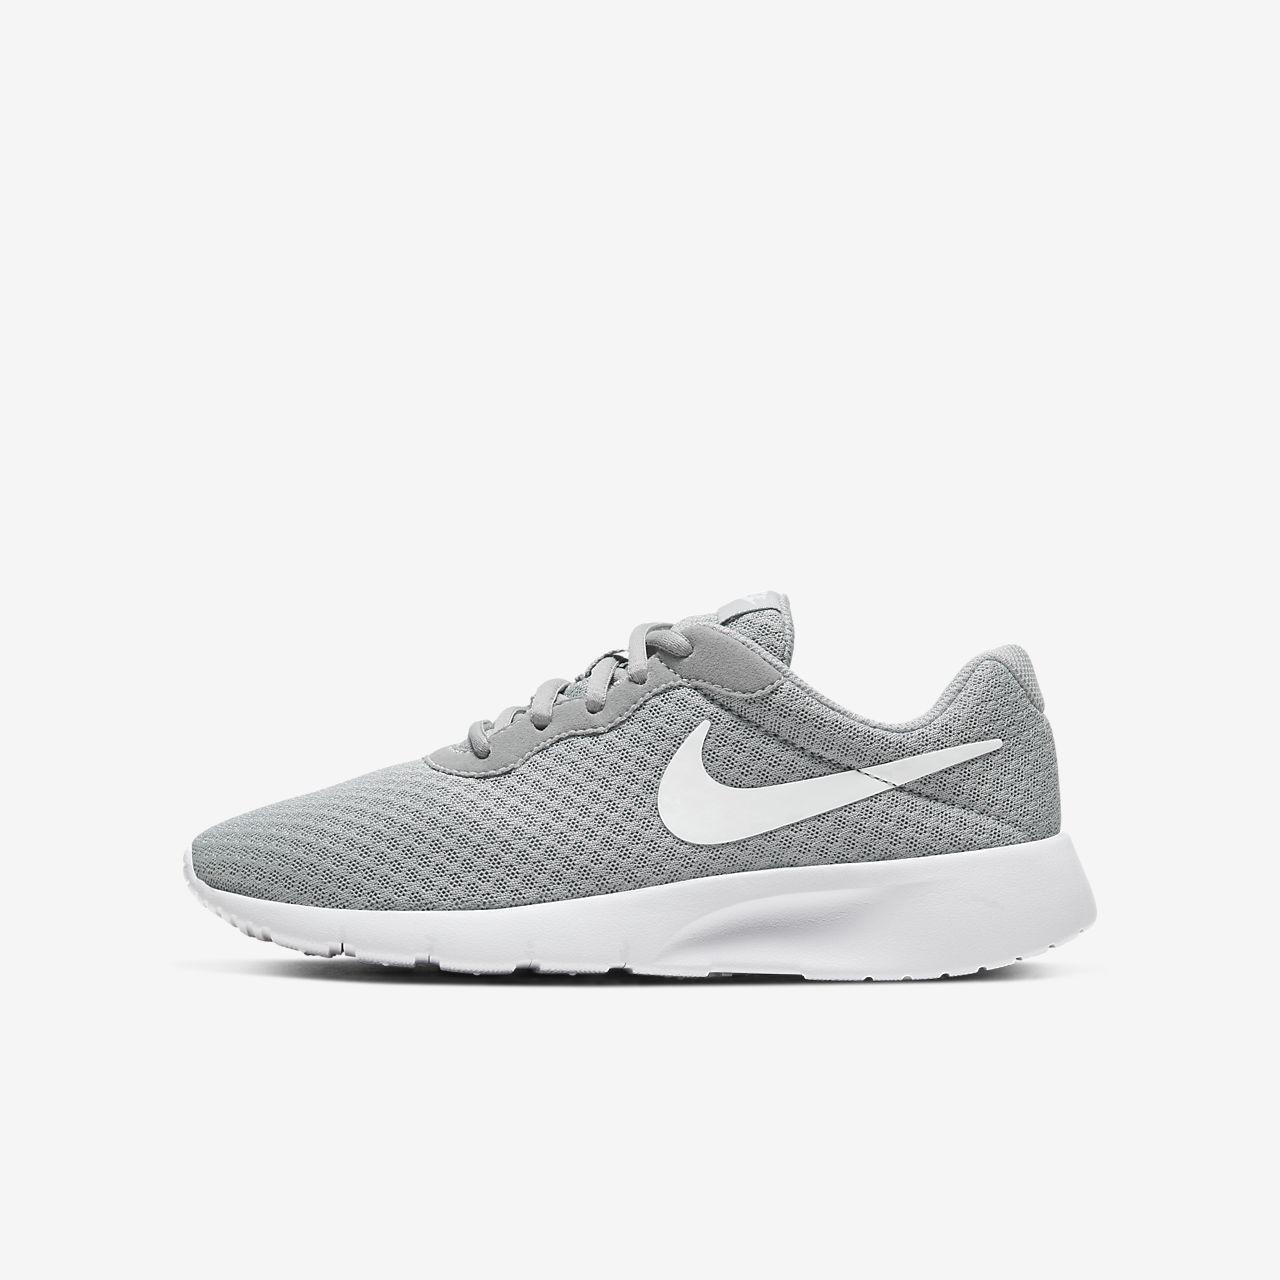 Nike Tanjun Femme : Cette année, les chaussures les plus